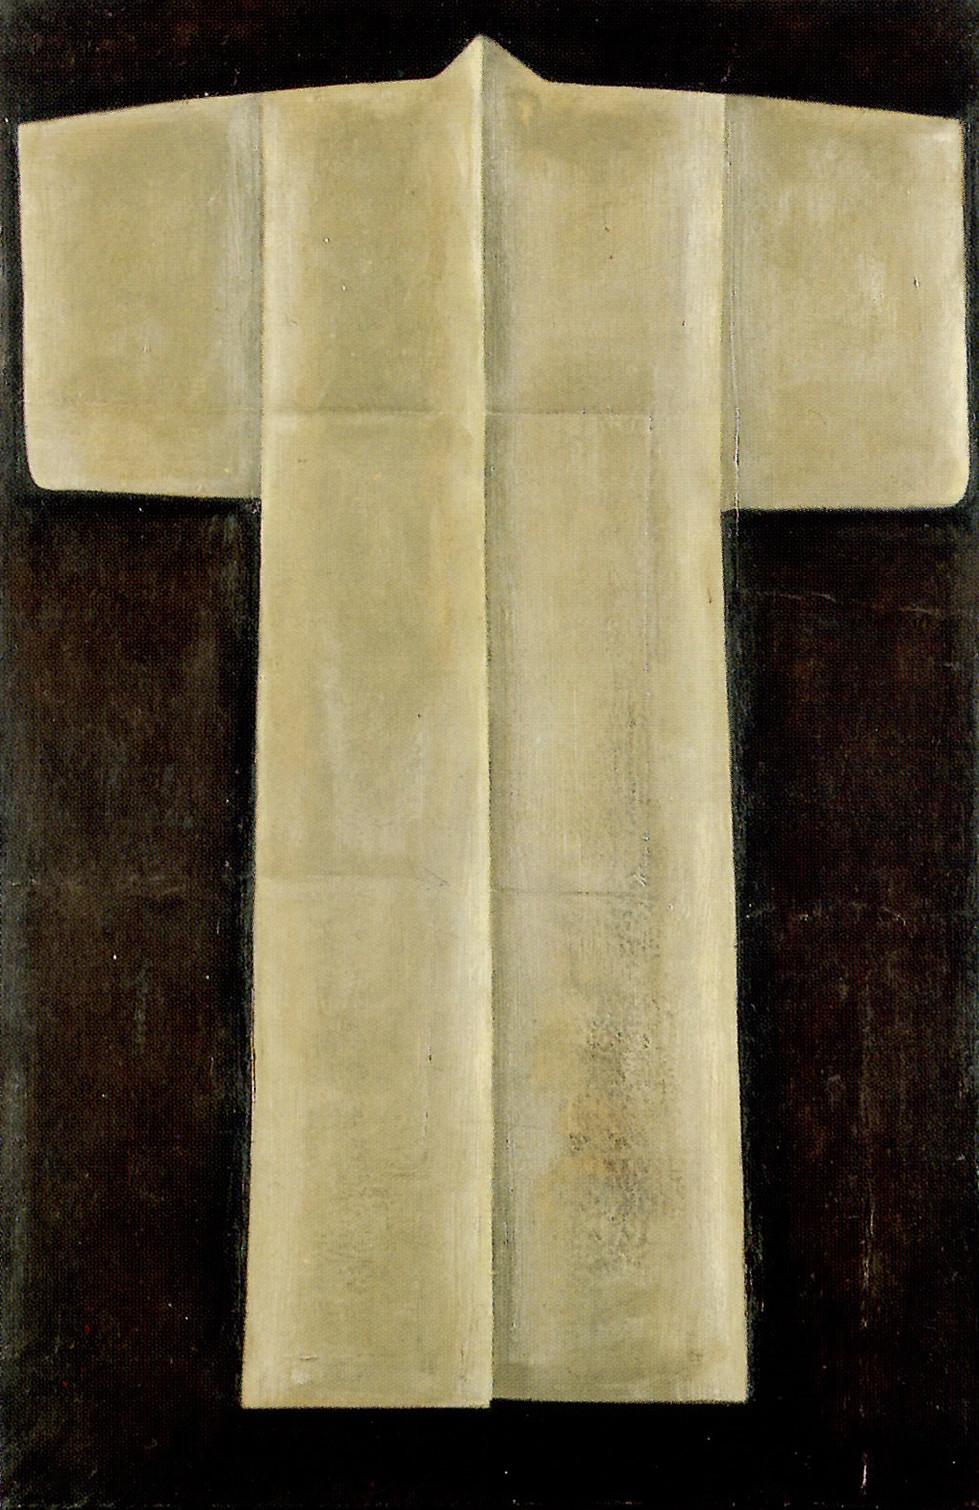 Senza titolo, 1999, olio su carta su tela, cm 100 x 150